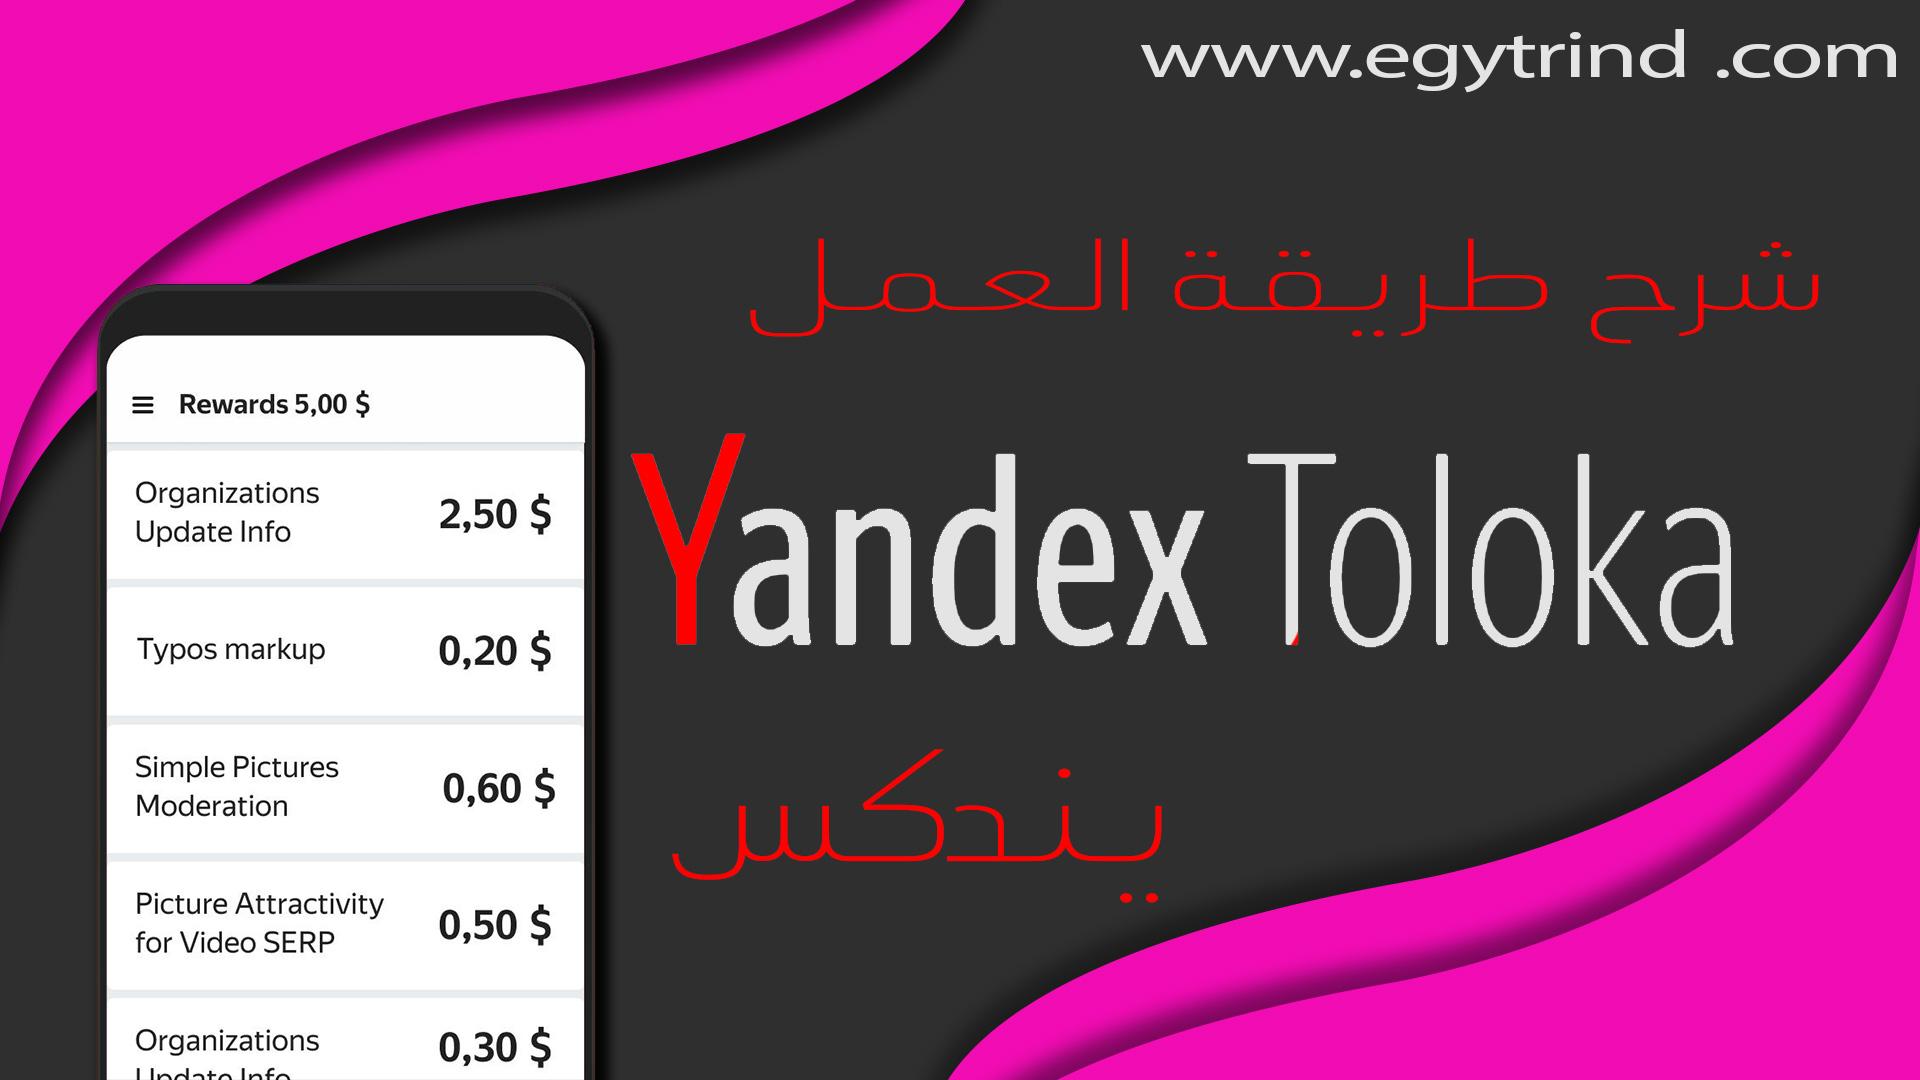 الربح من yandex toloka أفضل بديل لموقع ريمو تاسك